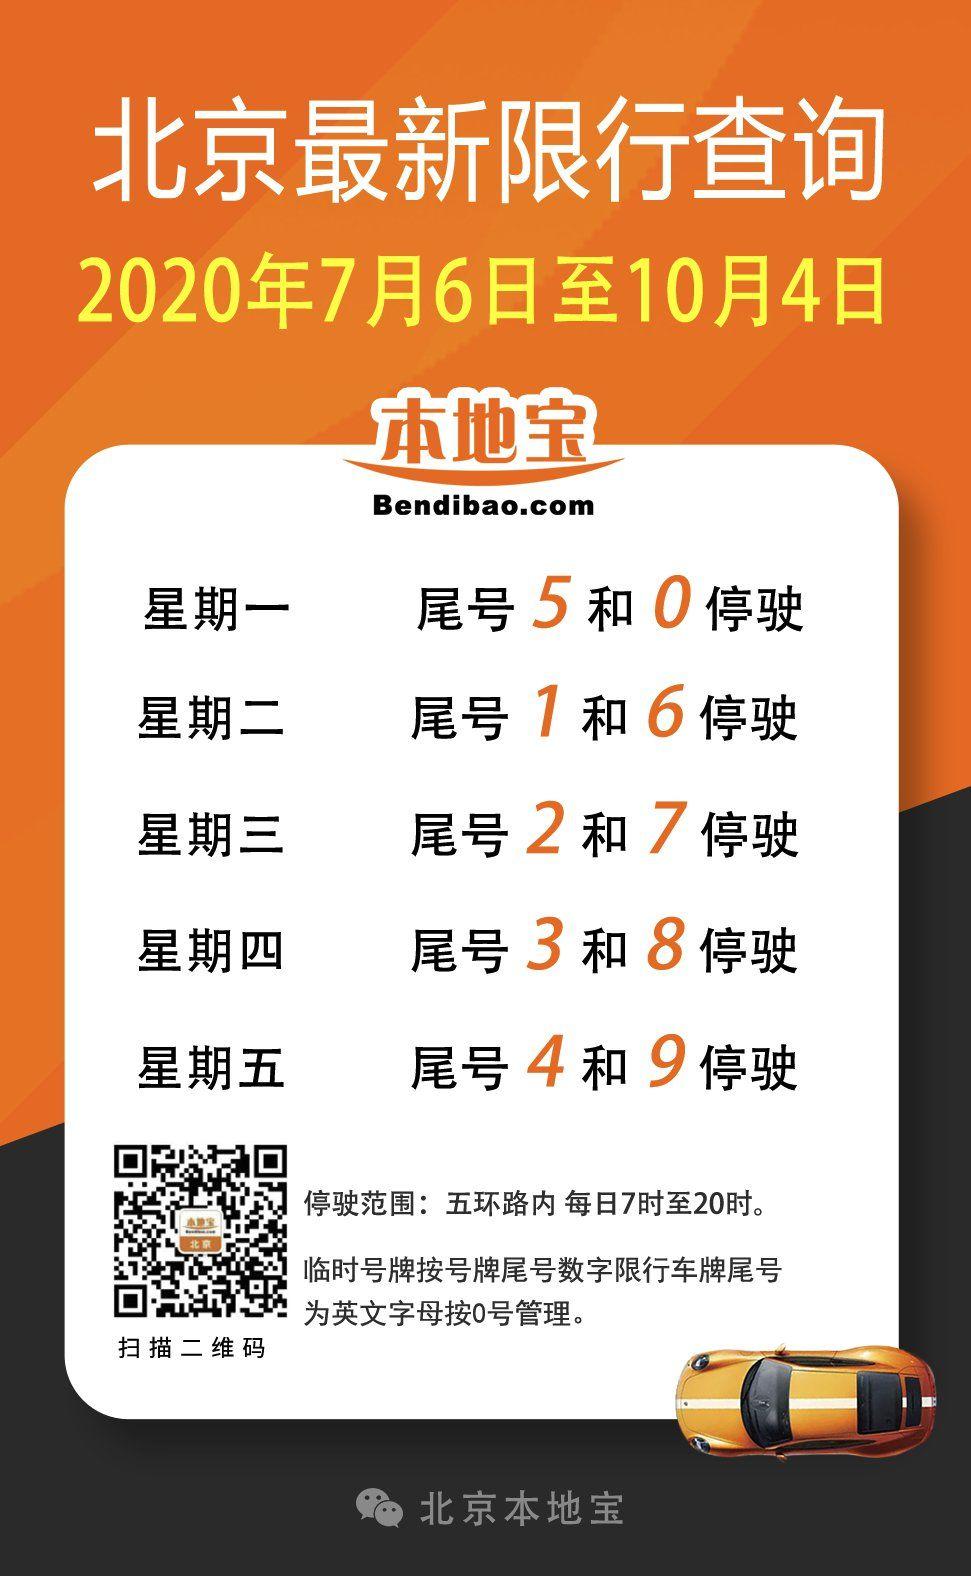 普陀山旅游攻略2020年起北京尾号限行轮换时间表及限行几环规定